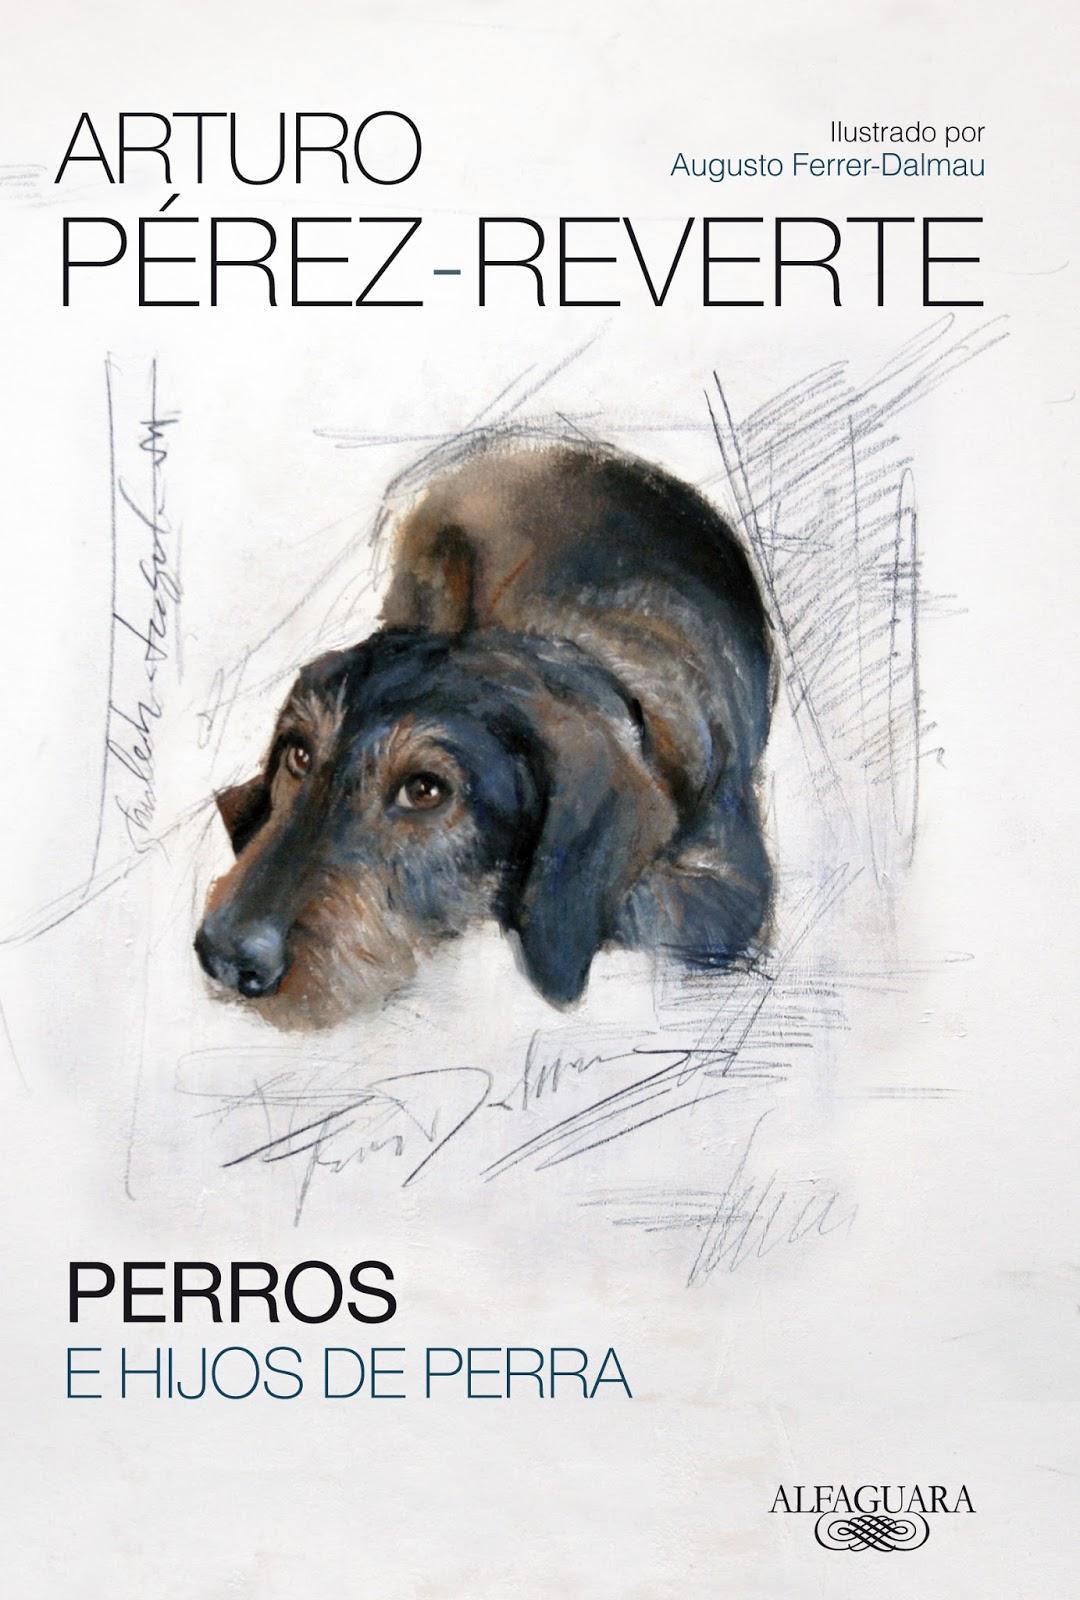 La posada del lector: Perros e hijos de perra, de Arturo